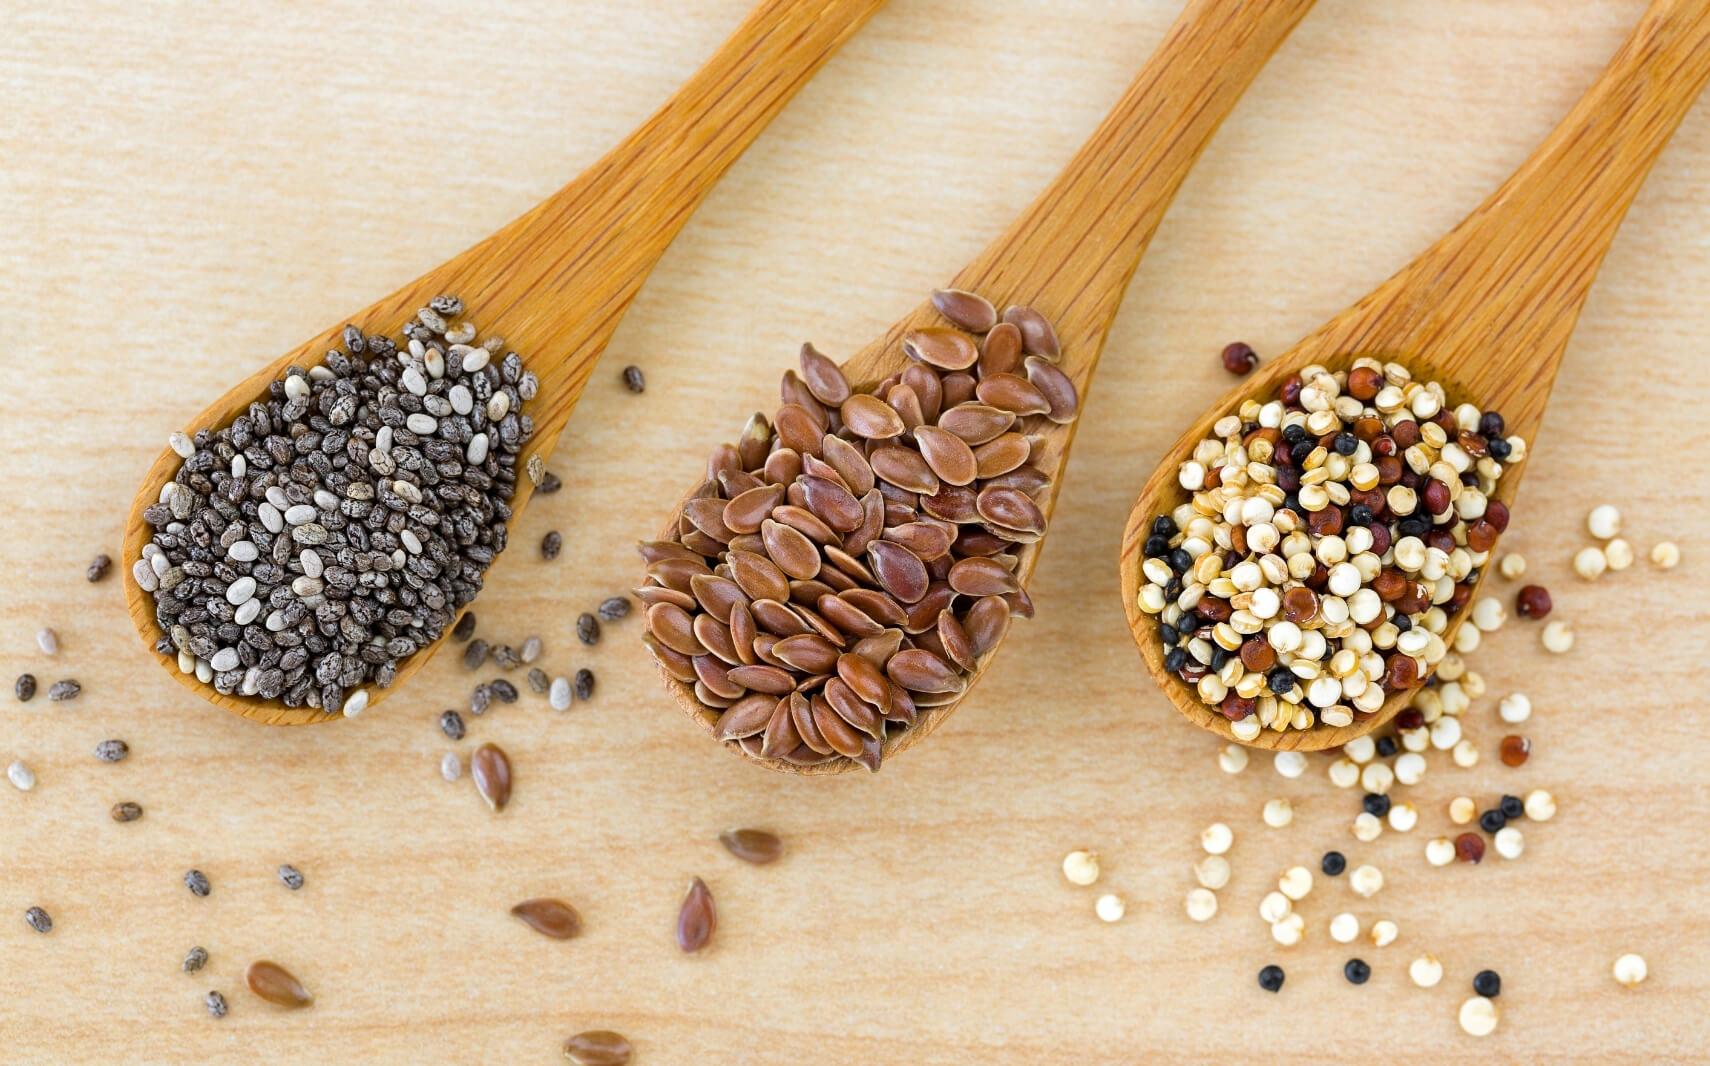 Σπόροι δημητριακών